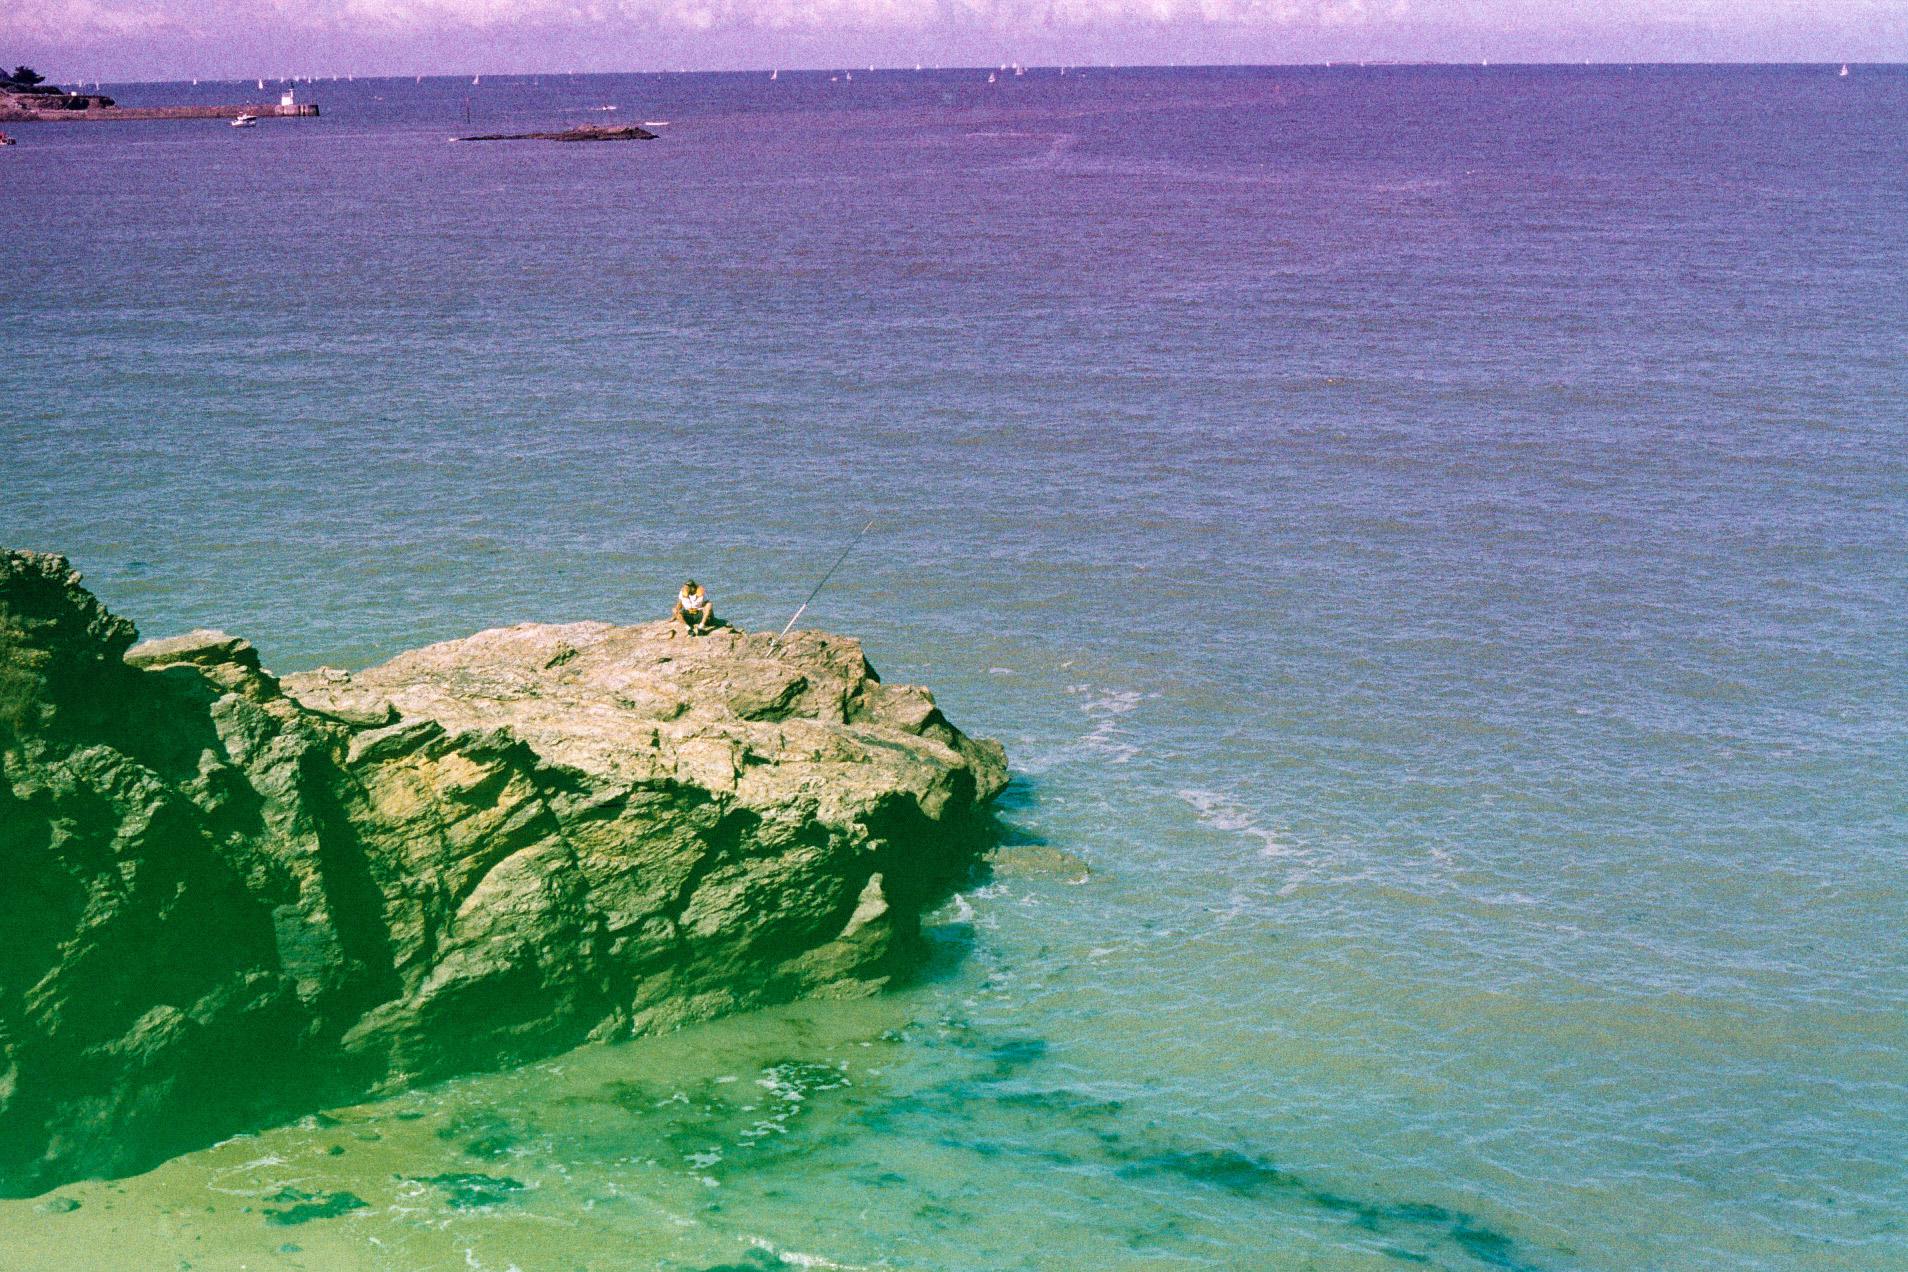 Camera  Olympus OM10  Lens  50mm f/1.8  Film  Revolog Kolor